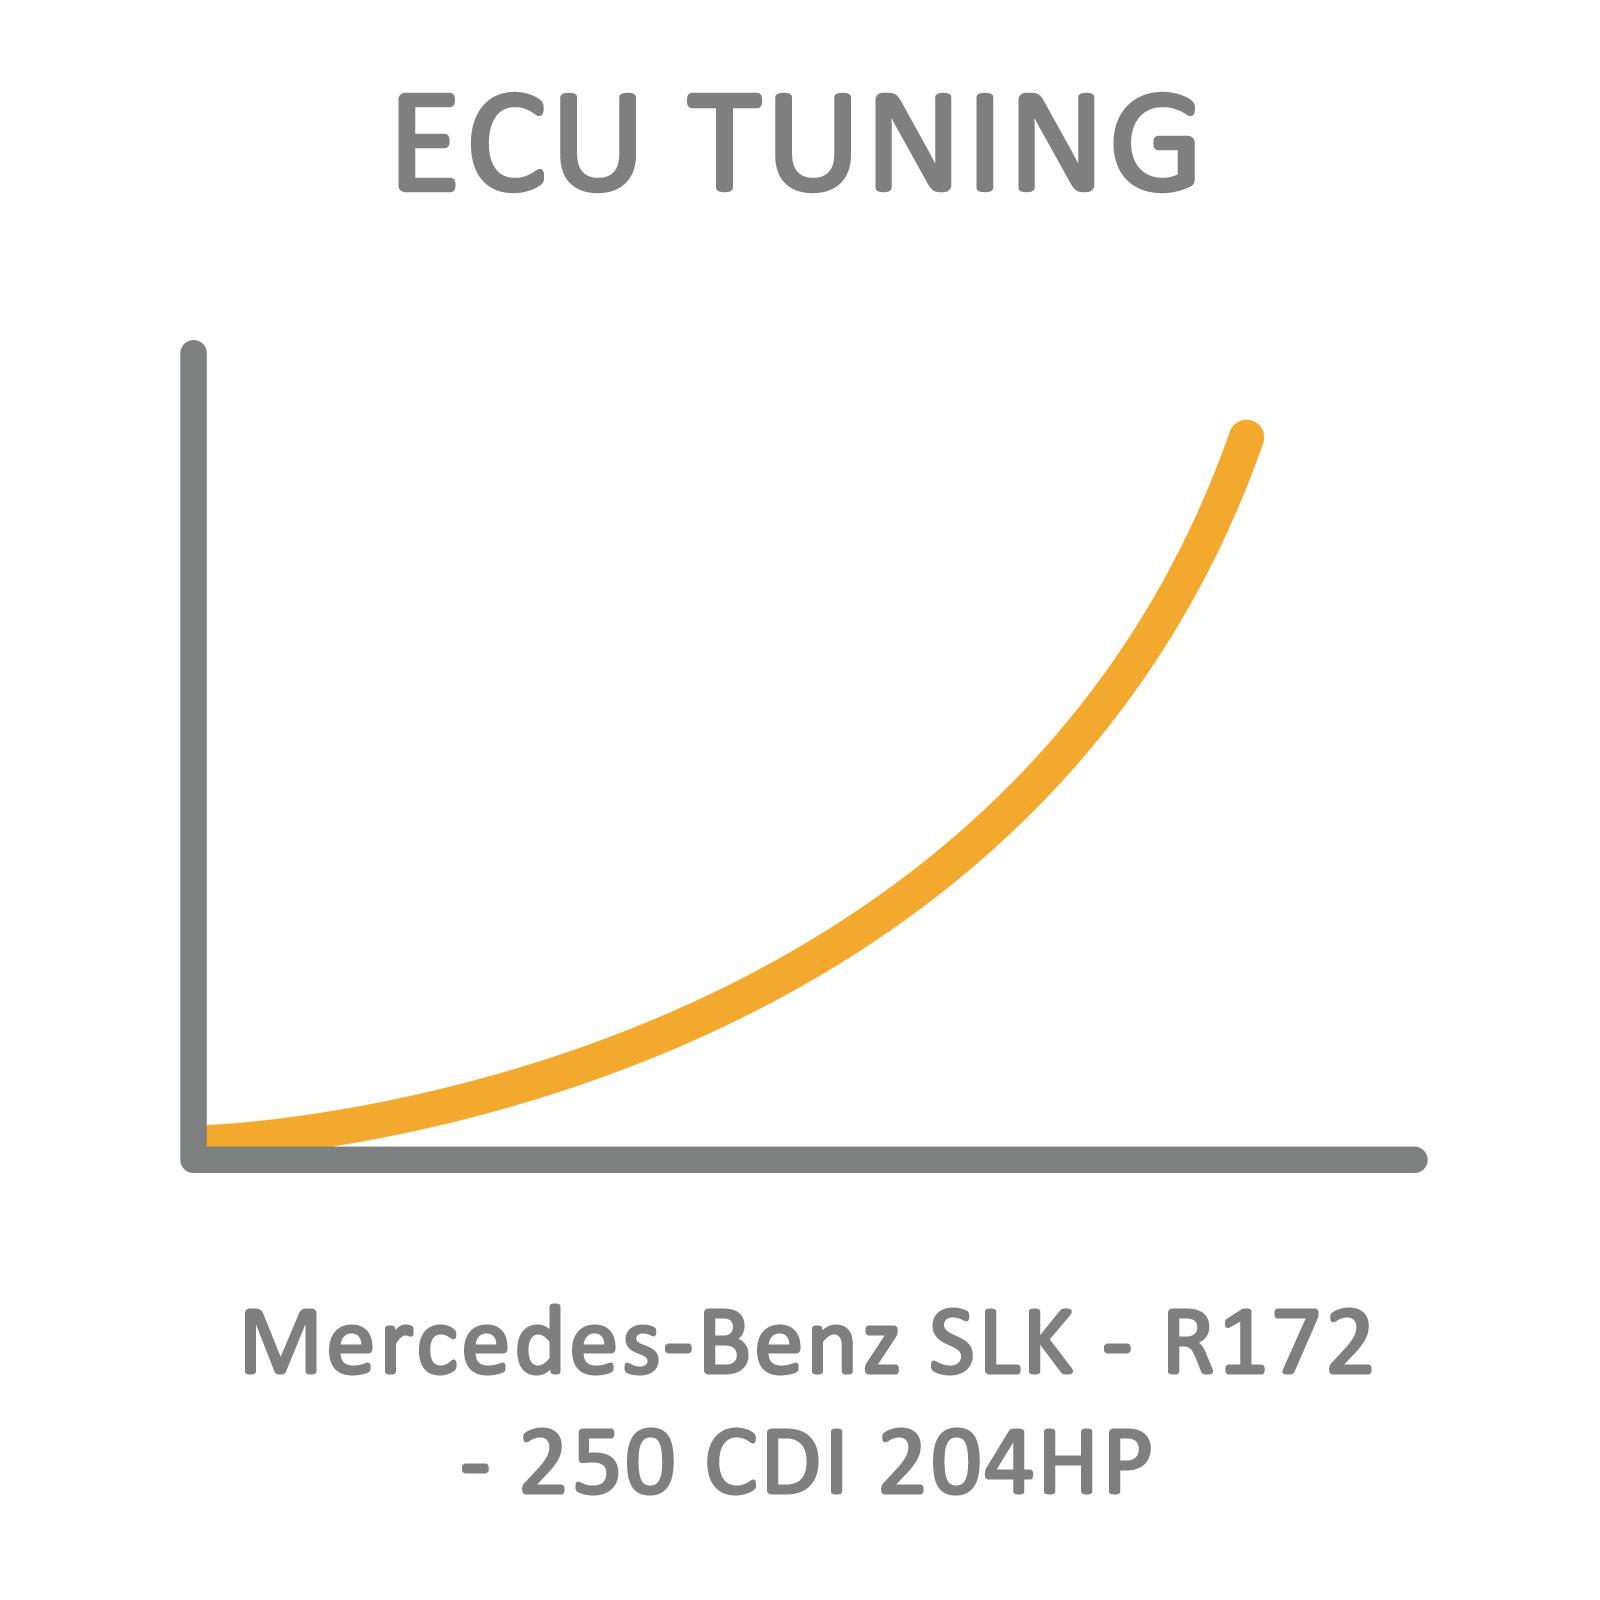 250 CDI 204HP ECU Tuning